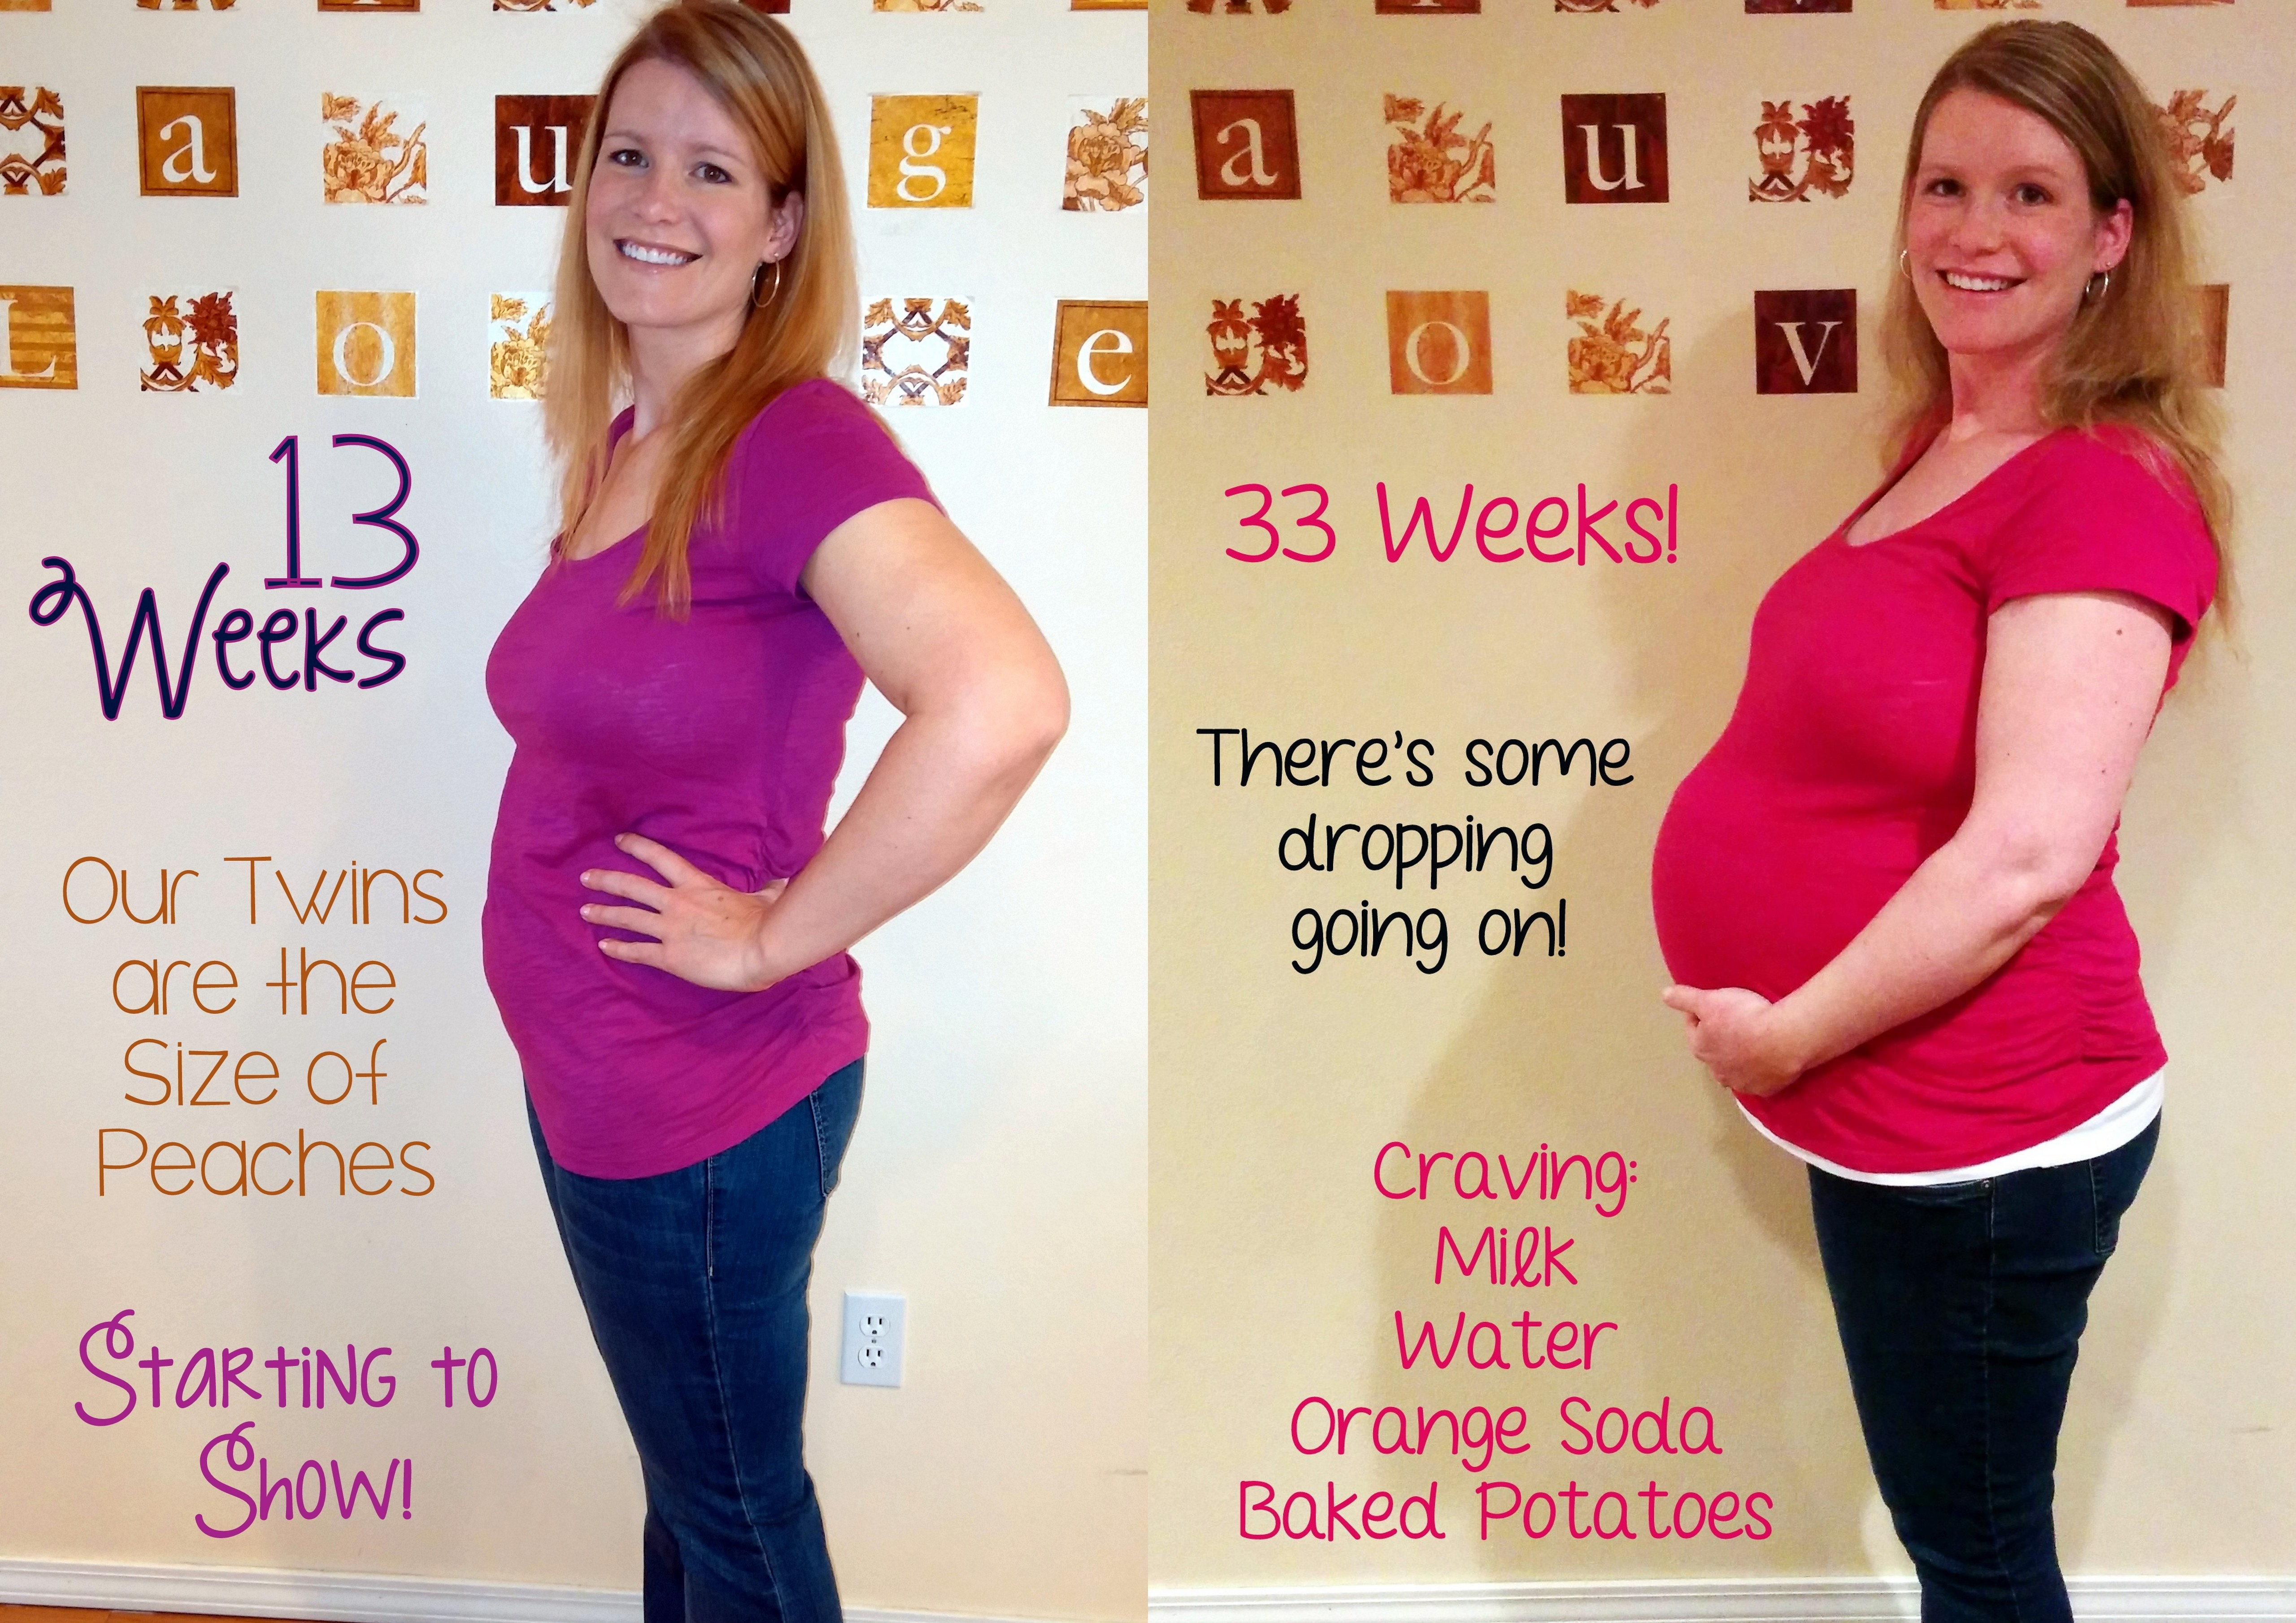 13-33 weeks